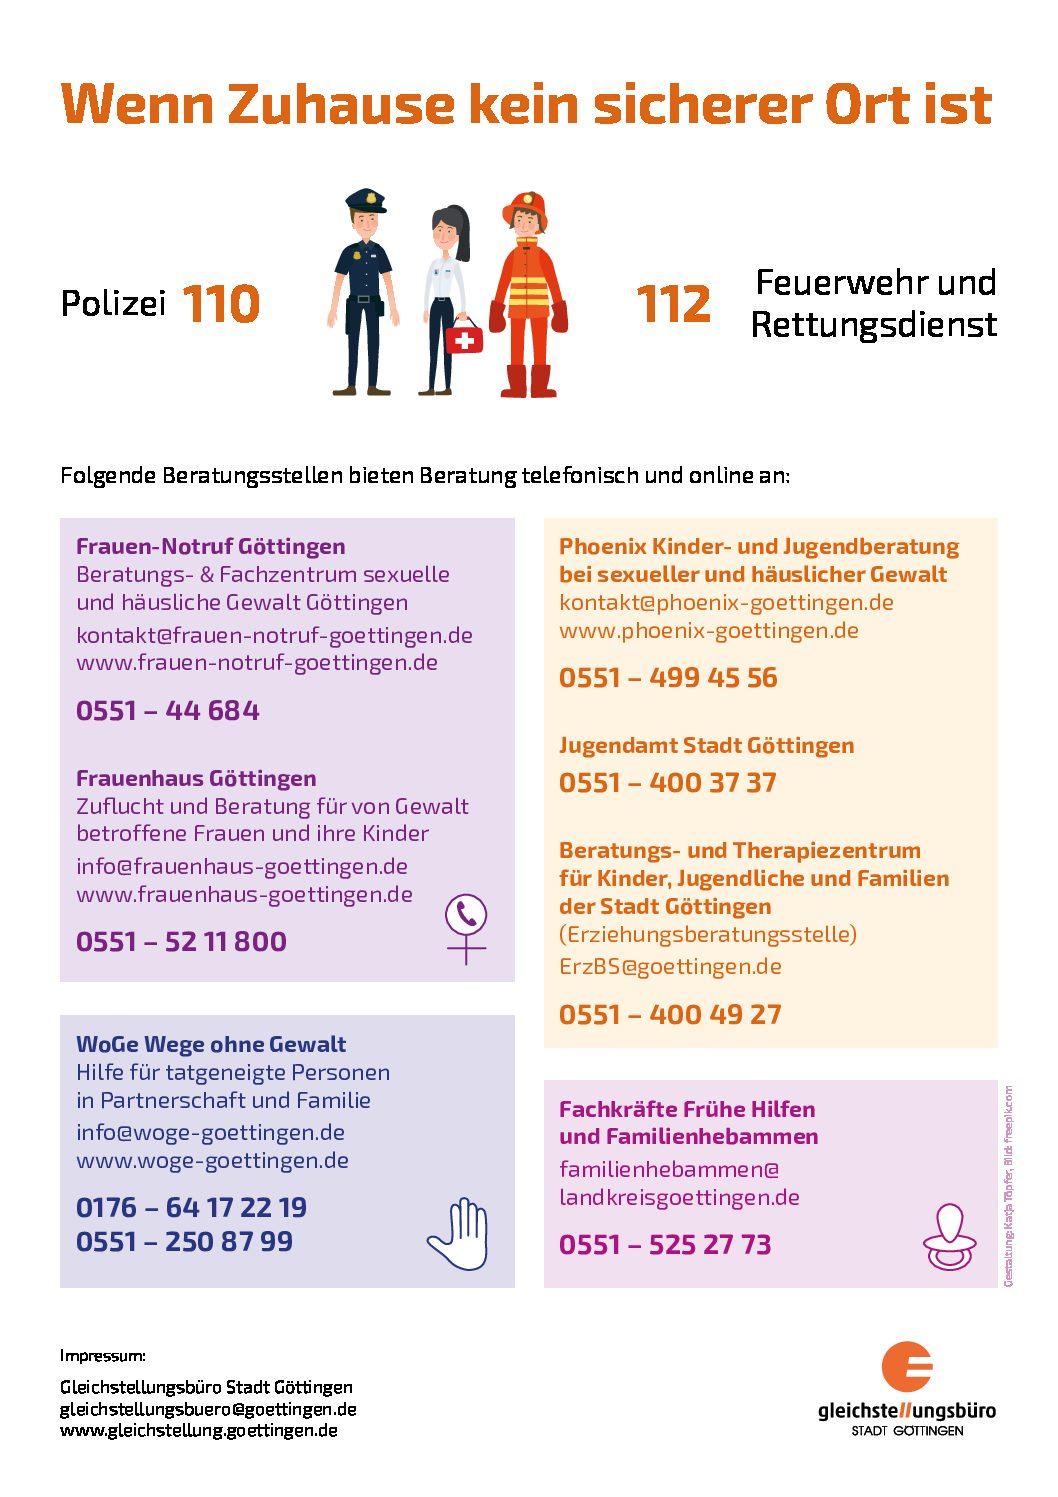 Wenn Zuhause kein sicherer Ort ist – Plakat mit Nummern von Beratungsstellen